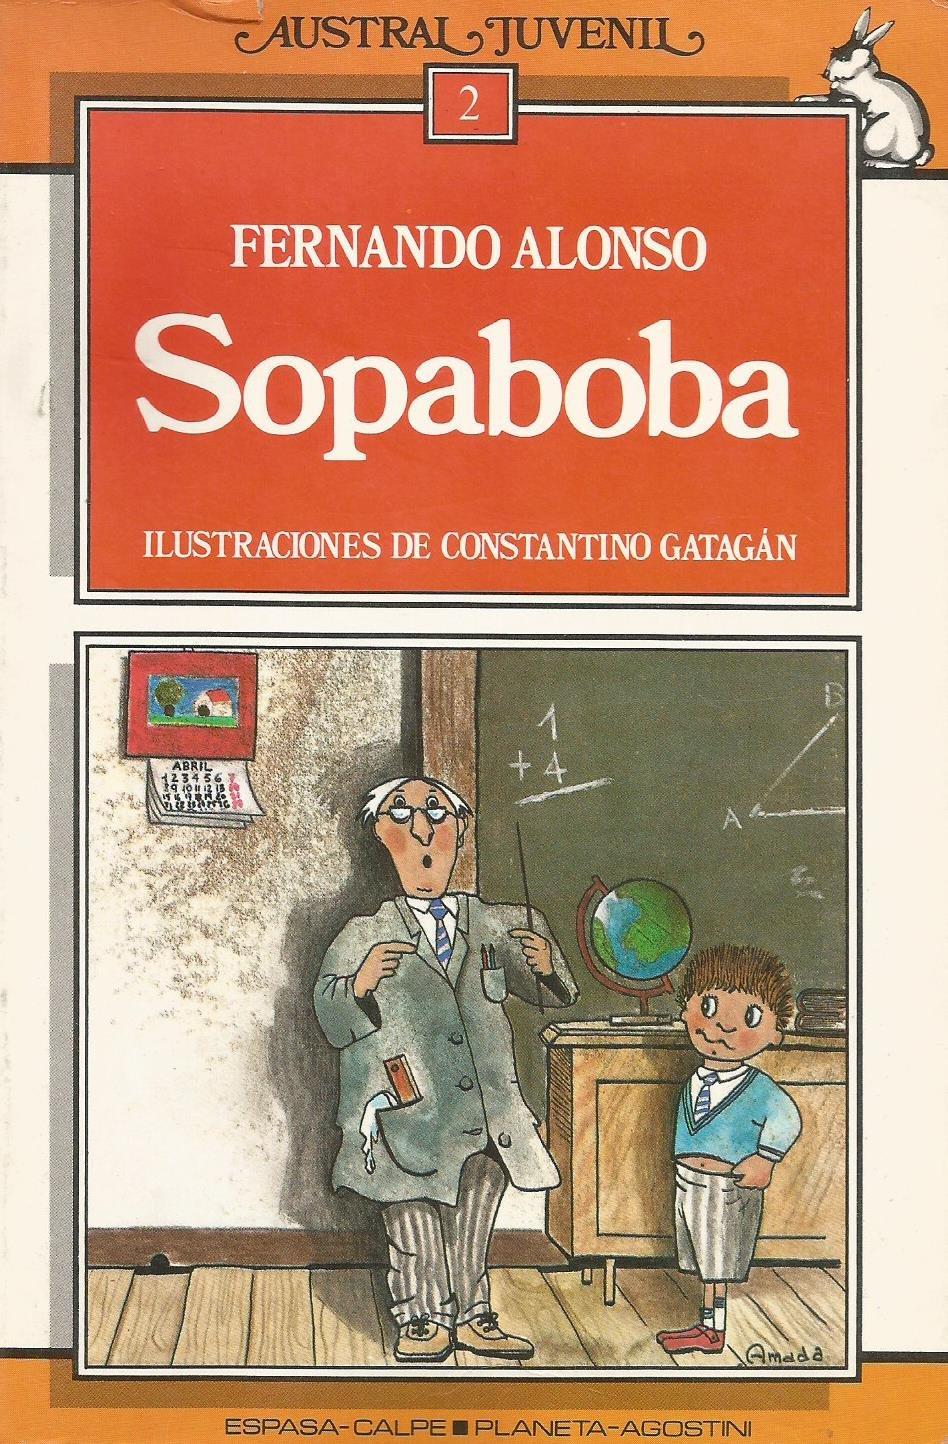 Sopaboba: FERNANDO ALONSO, CONSTANTINO GATAGAN ...